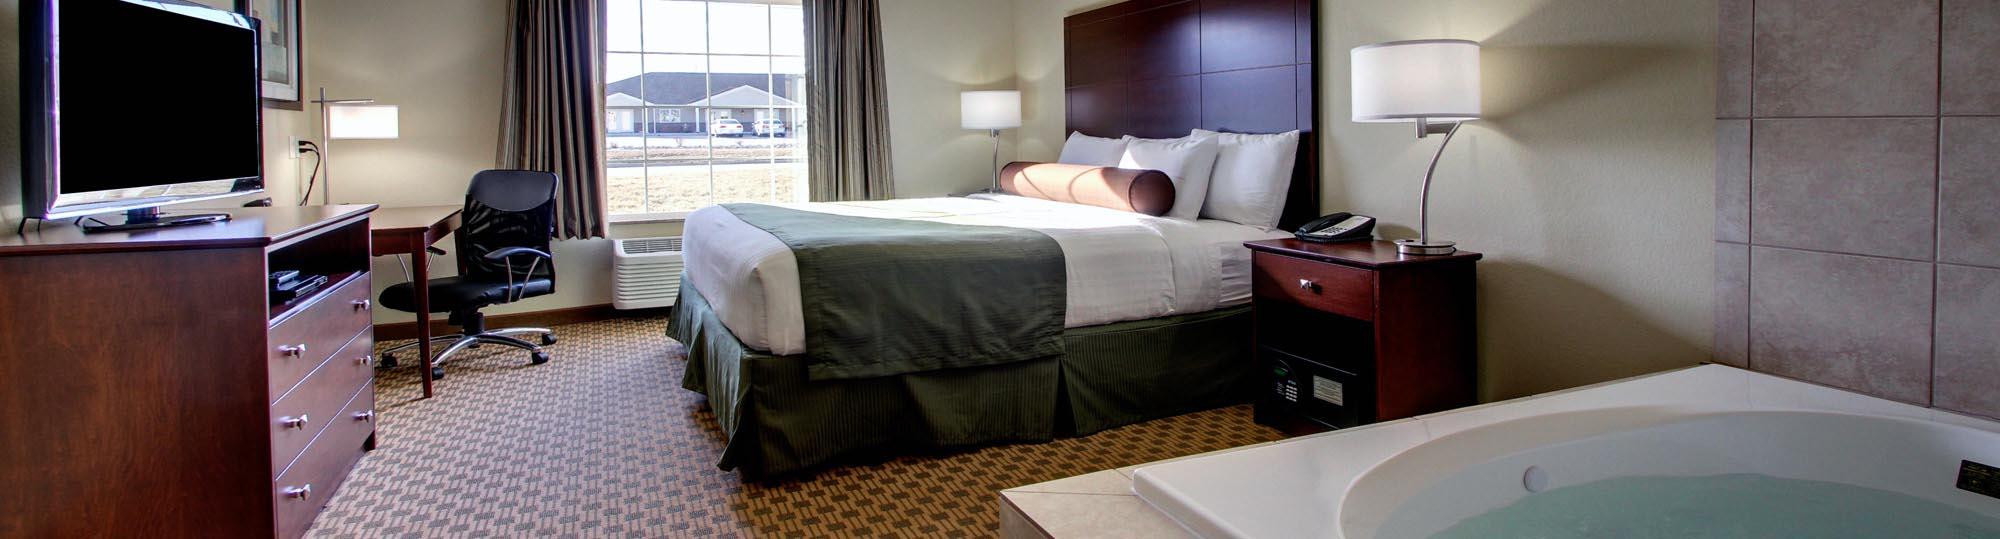 Cobblestone Hotel & Suites Newton